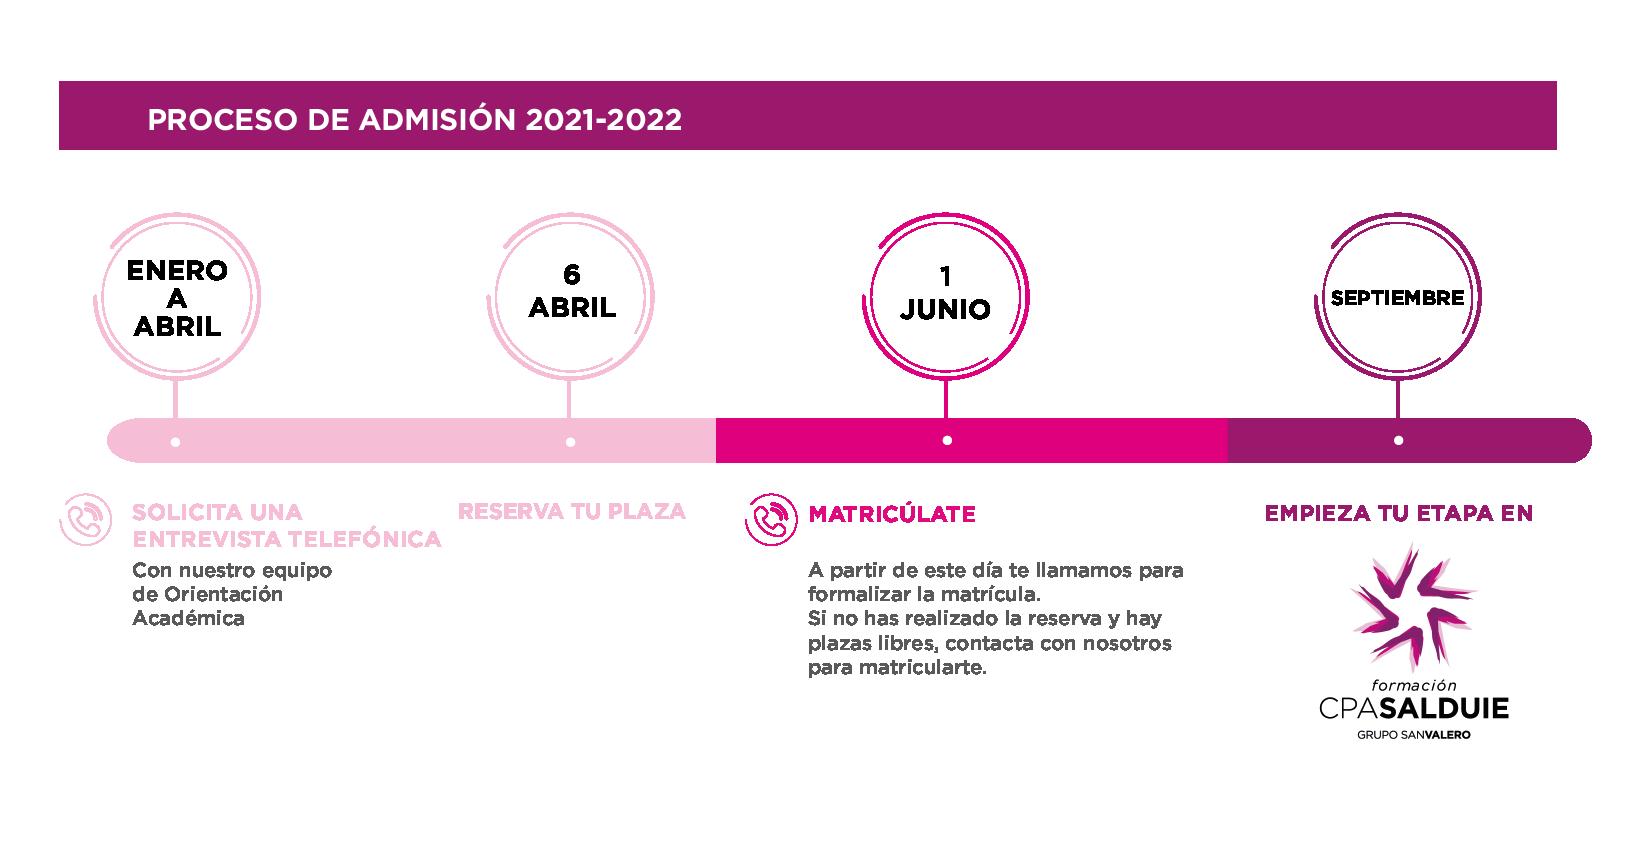 ADMISIÓN CPA SALDUIE CURSO 2021-2022